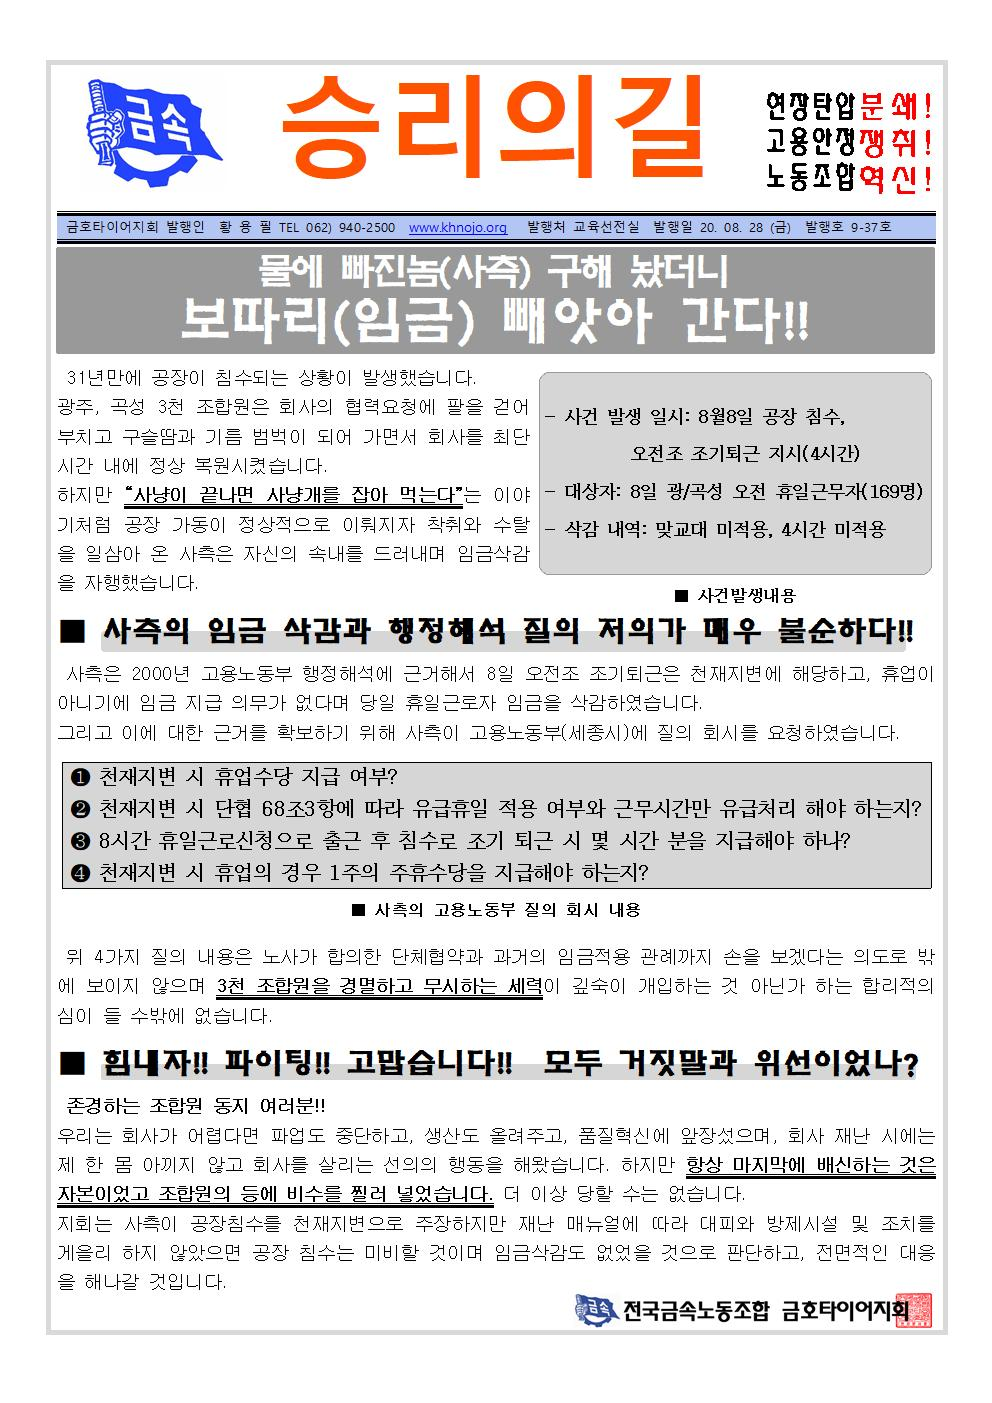 9-37호(확정) 임금 및 전태일 3법001.jpg